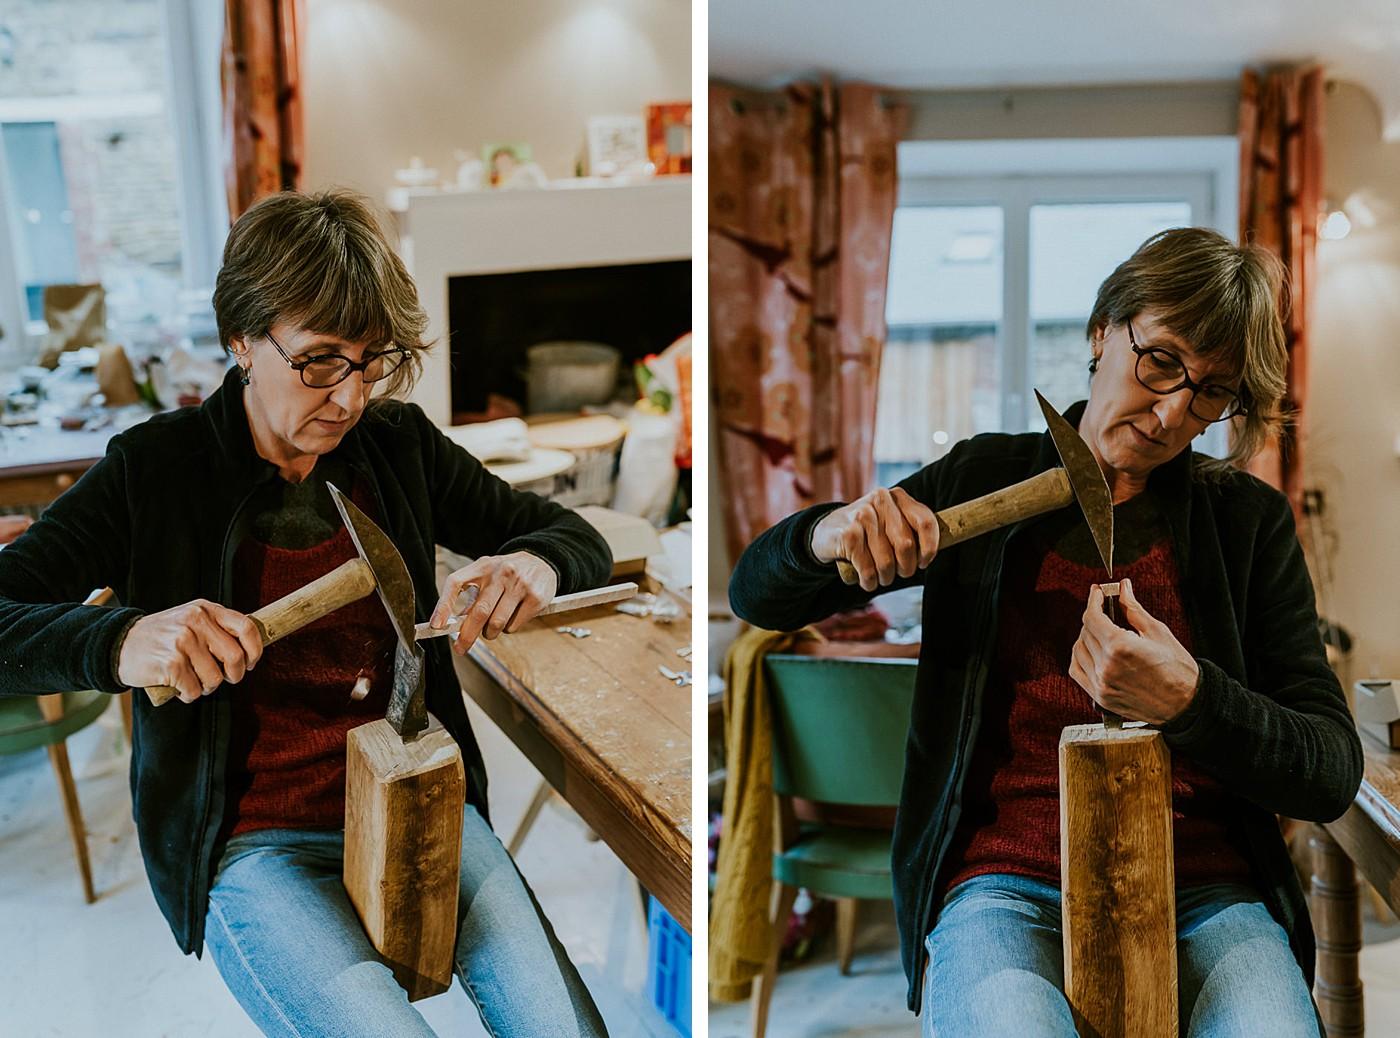 reportage_photo_portrait_createurs_0045.jpg